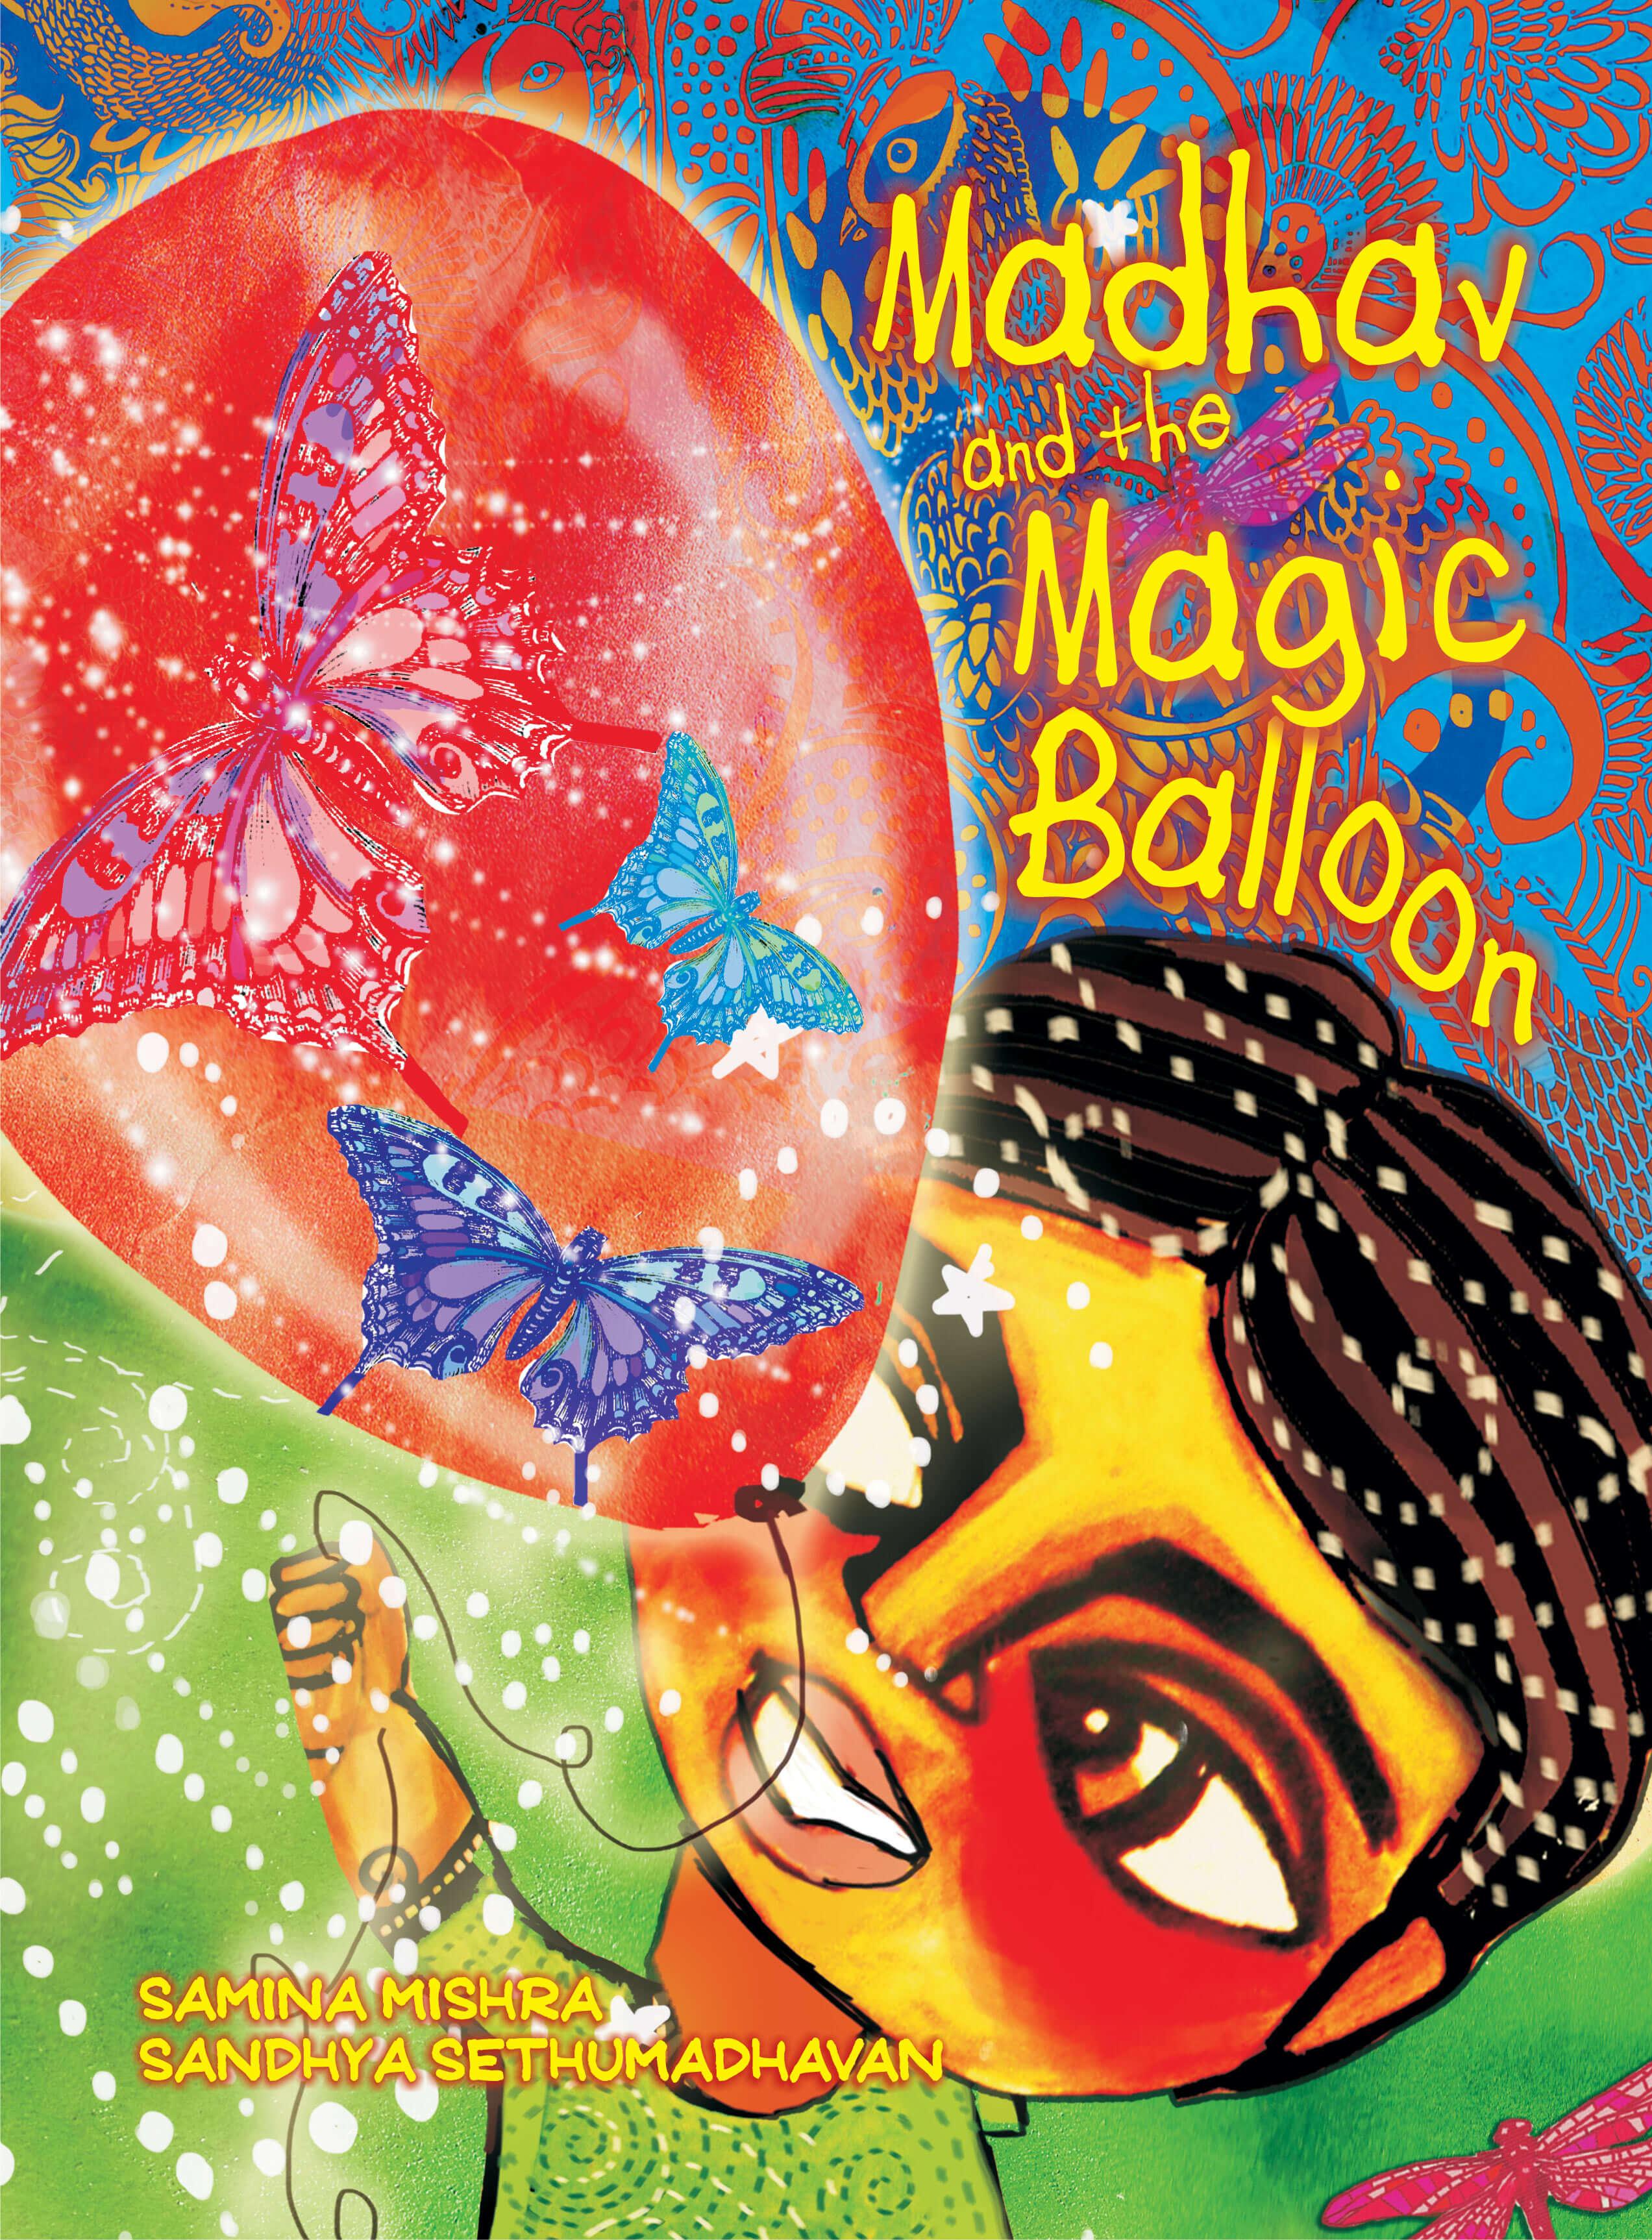 Madhav and the Magic Balloon